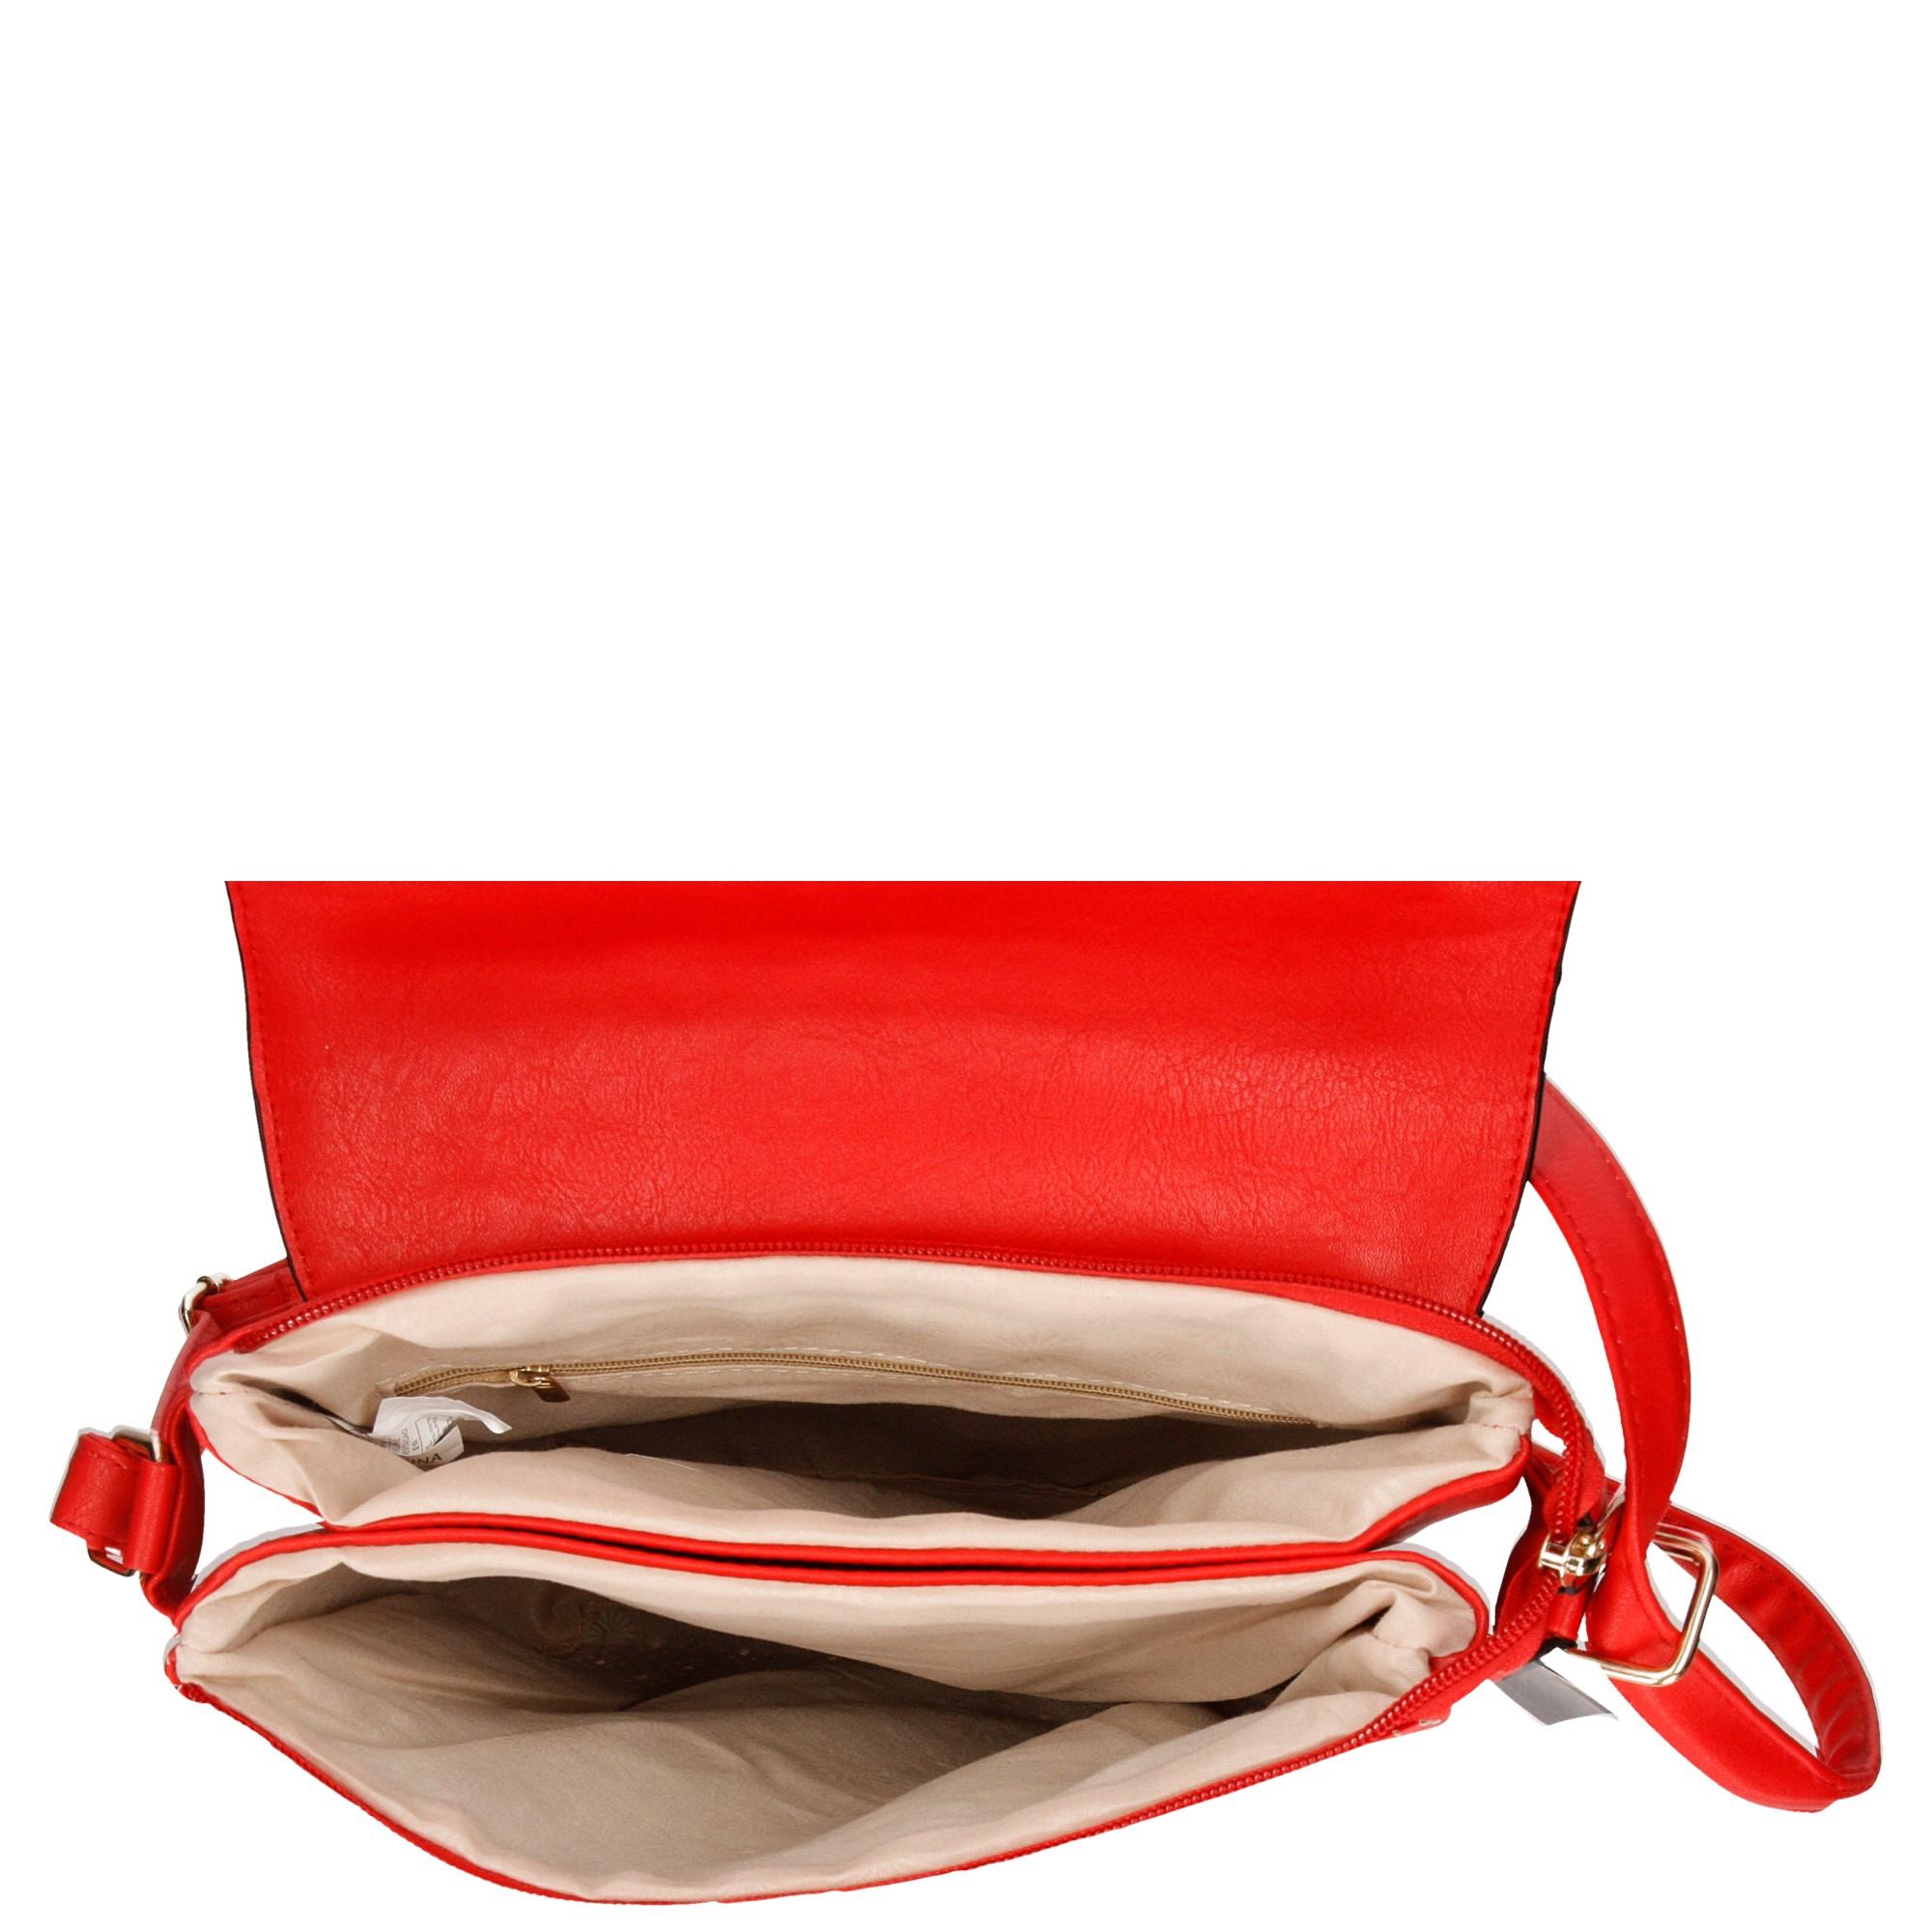 TOREBKA LISTONOSZKA KJ567 kolor czerwony